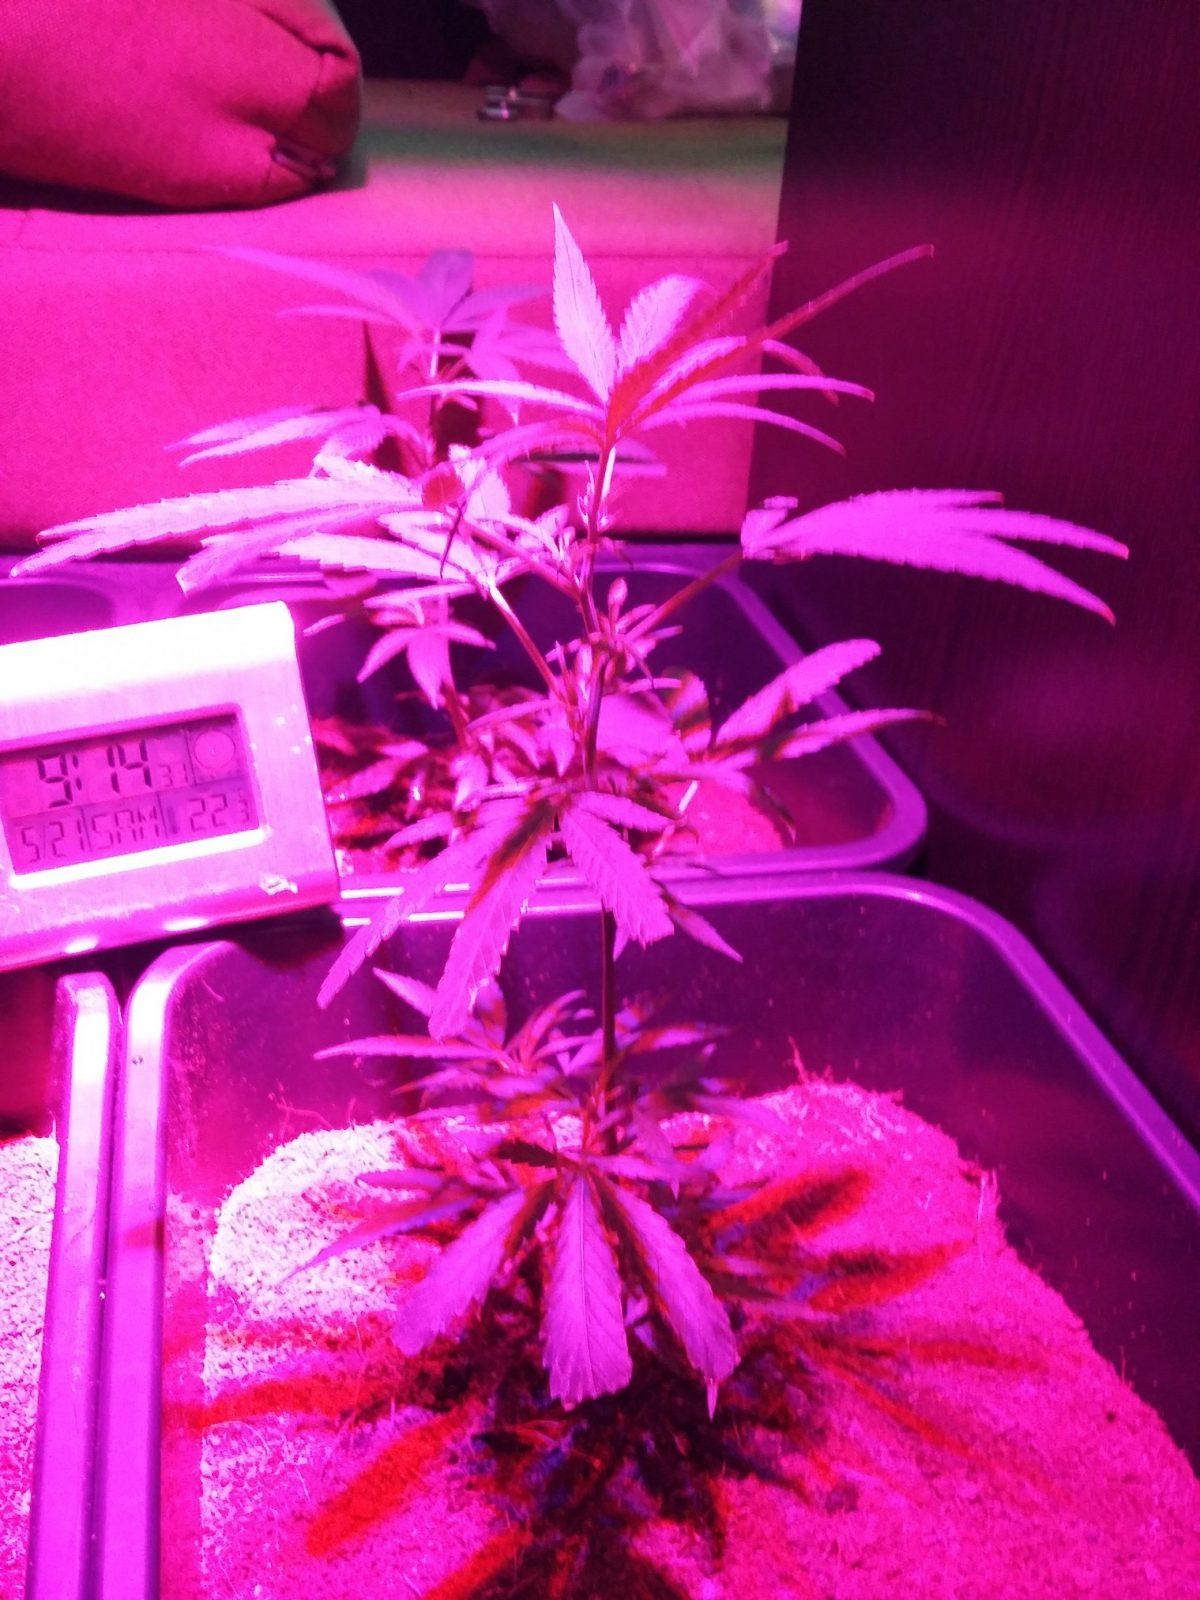 Welche Leds Für 1Qm²  Equipment  Cannabisanbauen Forum von Led Grow Lampen Selber Bauen Bild